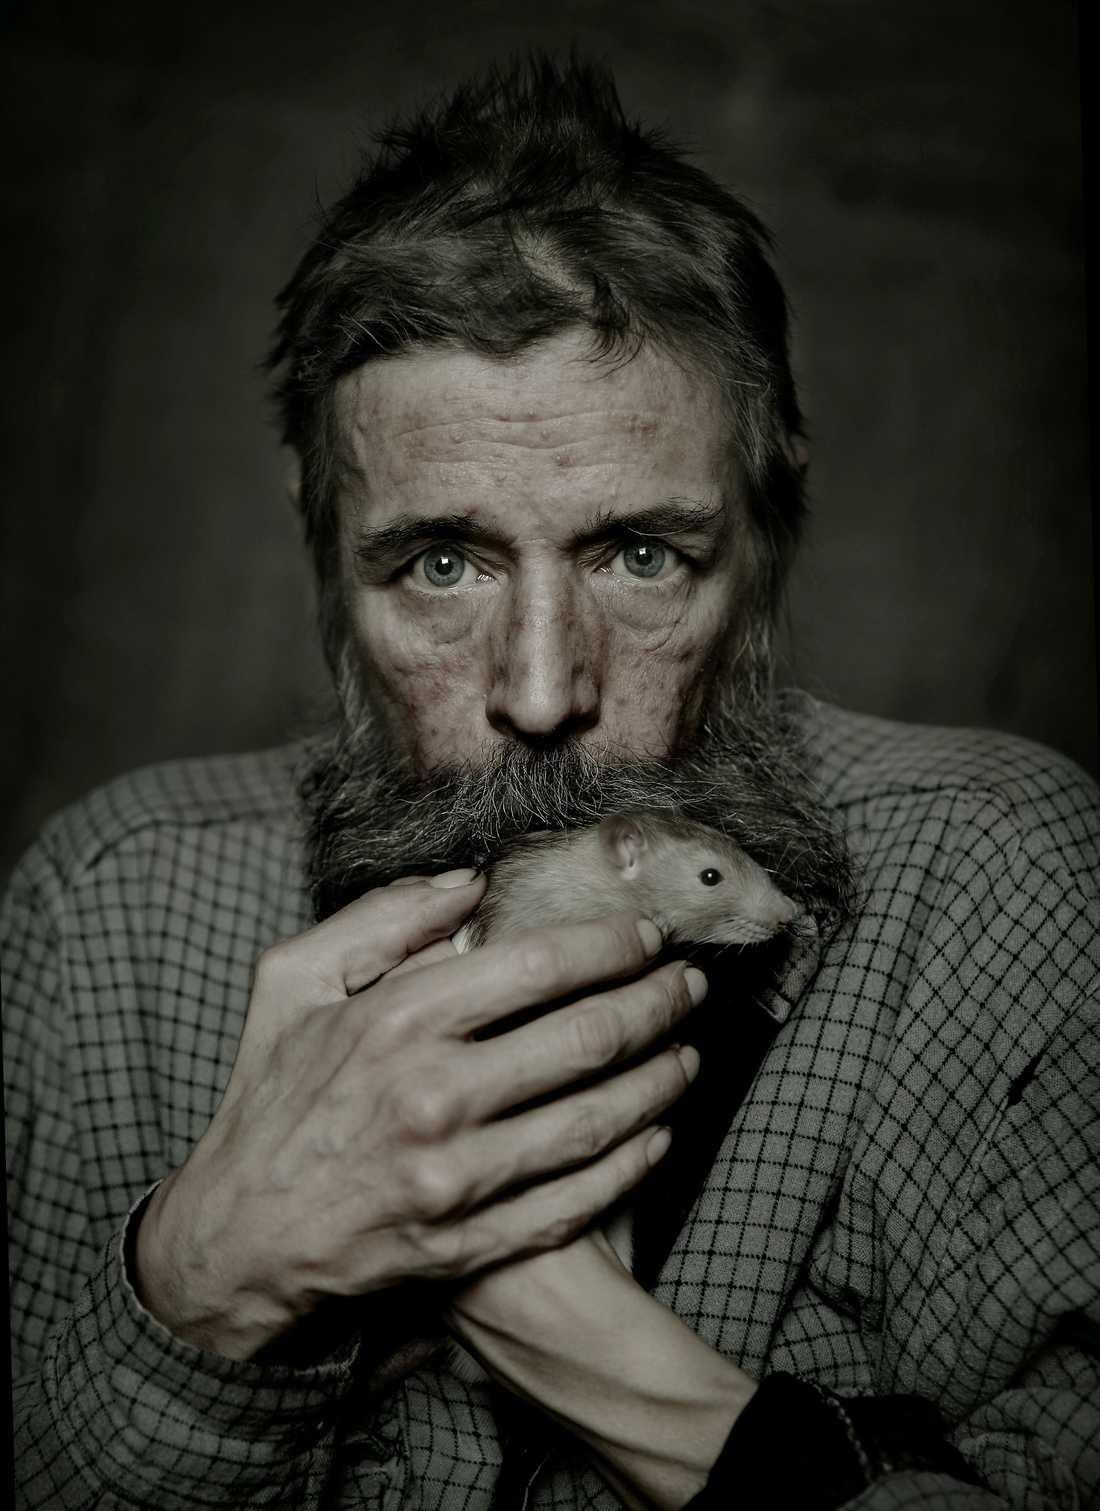 Mats Hoofgard, 52, är hemlös i Stockholm. När han sovit på parkbänkar, i busskurer och bakom soptunnor har stadens vilda råttor blivit hans sällskap. Magnus Wennman fotograferade honom tillsammans med den tama råttan Helge.